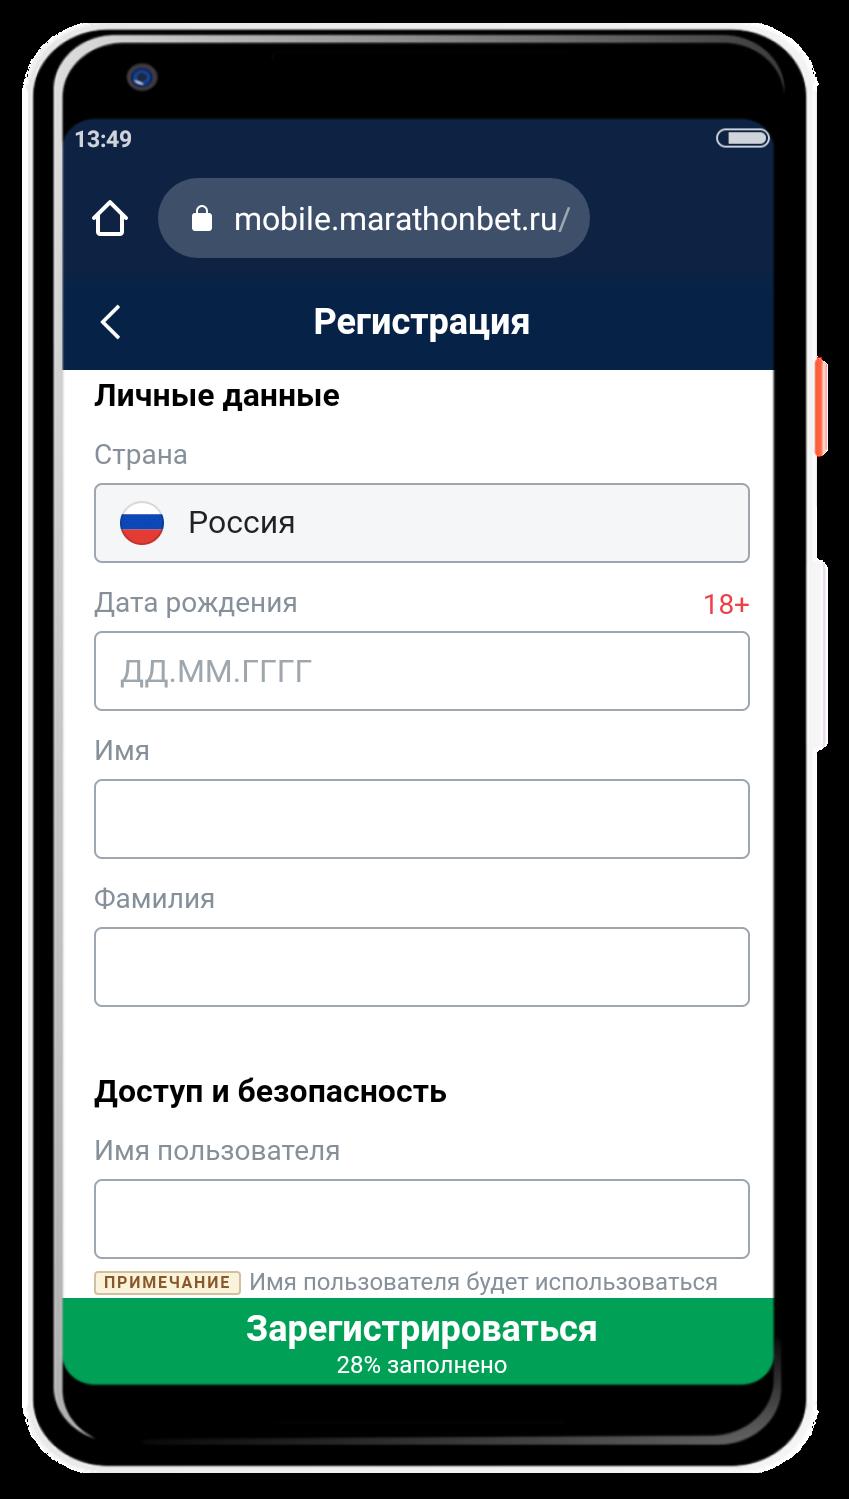 Регистрация в марафон бет с мобильной версии